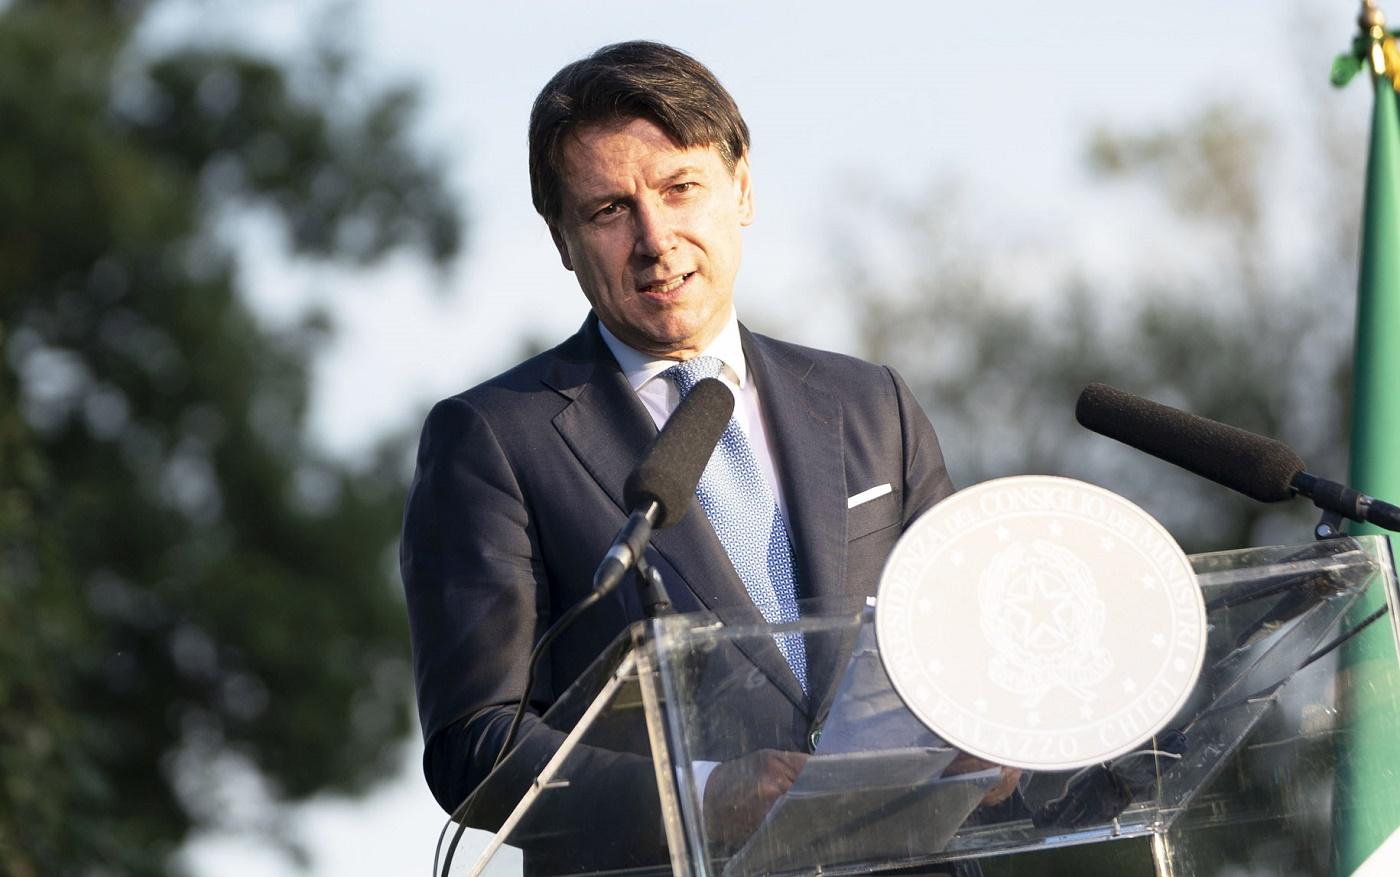 Governo ultime notizie: terzo mandato Conte? Cosa potrebbe succedere